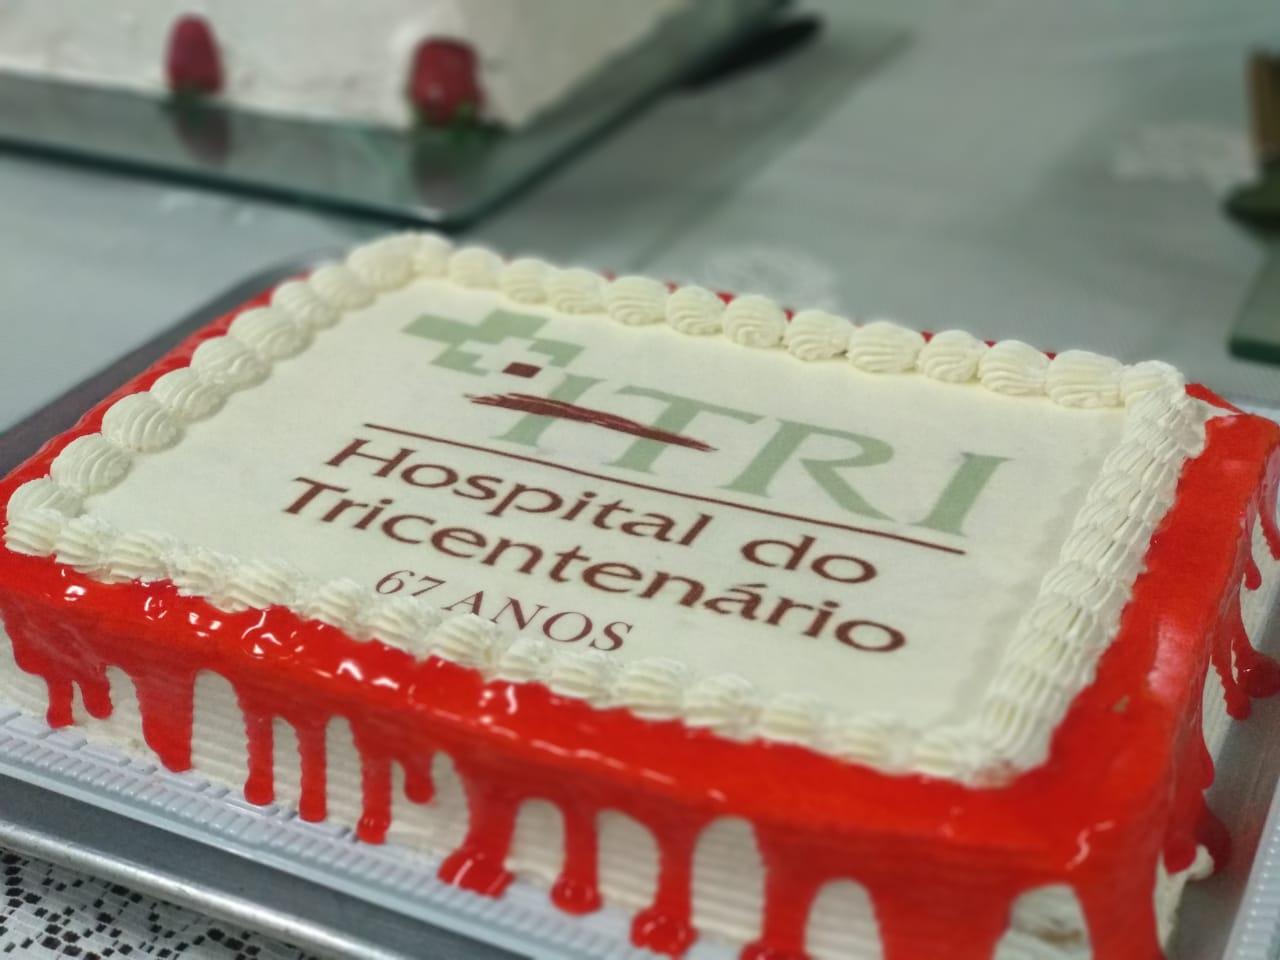 HTRI comemora 67 anos com almoço especial